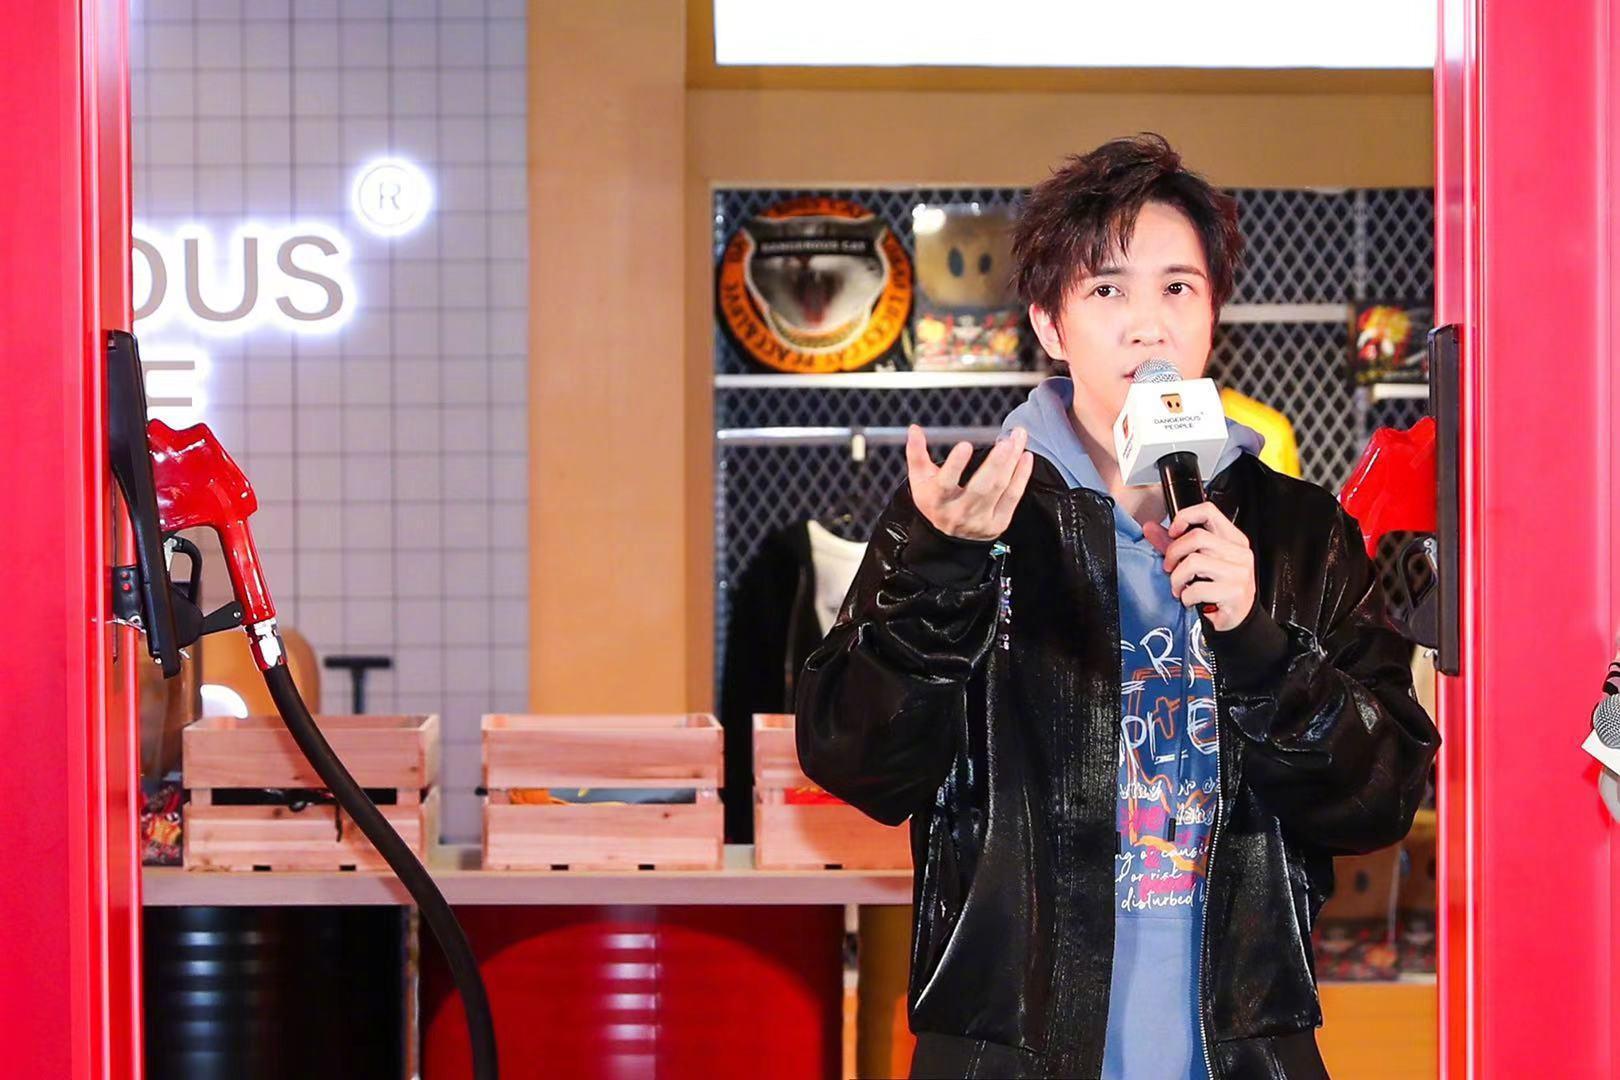 薛之谦在上海出席潮牌开幕活动,黑色亮面夹克搭配紫色印花卫衣